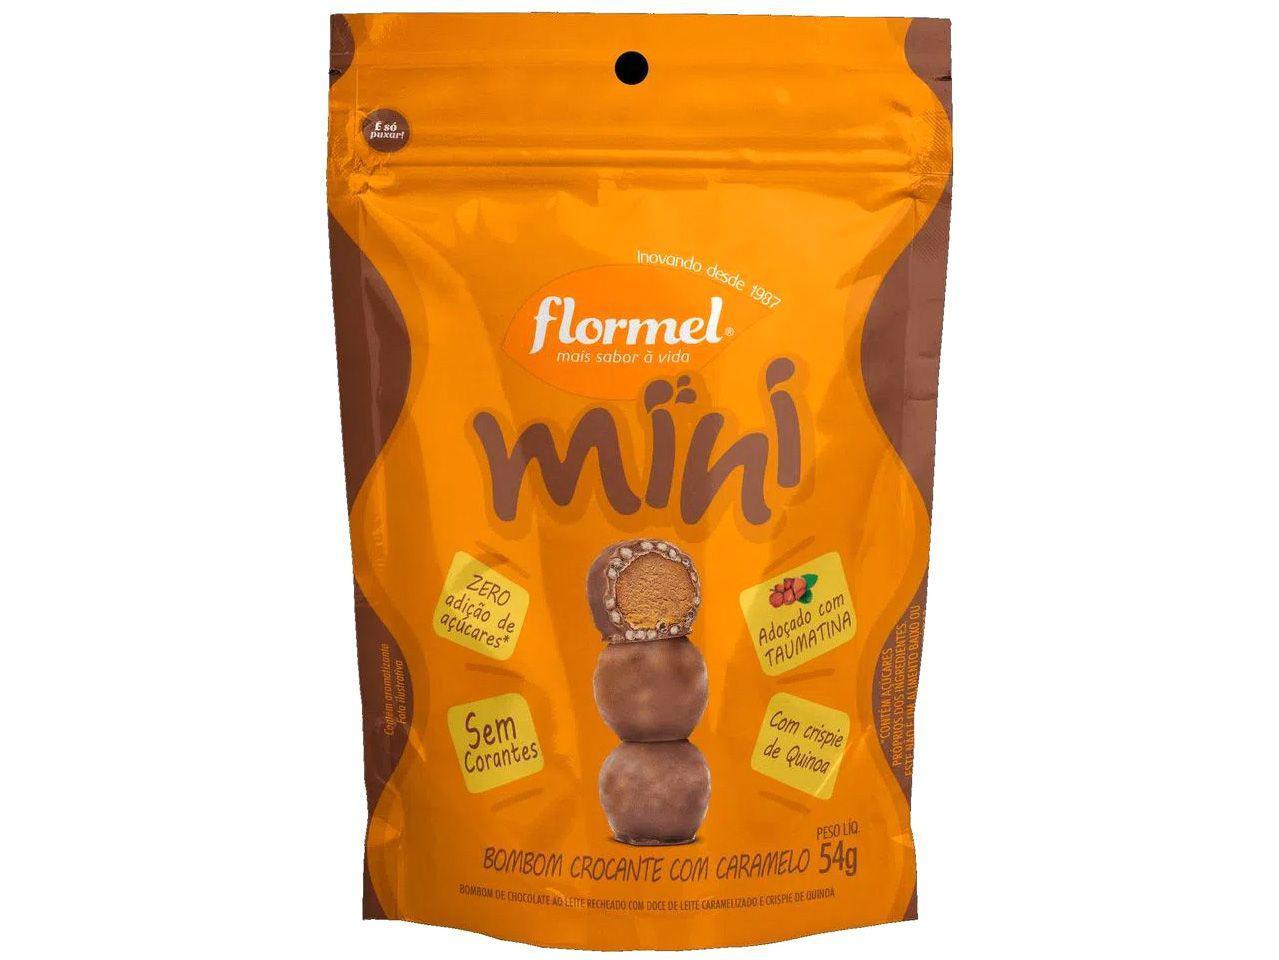 Mini Bombom Flormel Ao Leite com Recheio - de Doce de Leite Caramelizado e Crispies de Quinoa